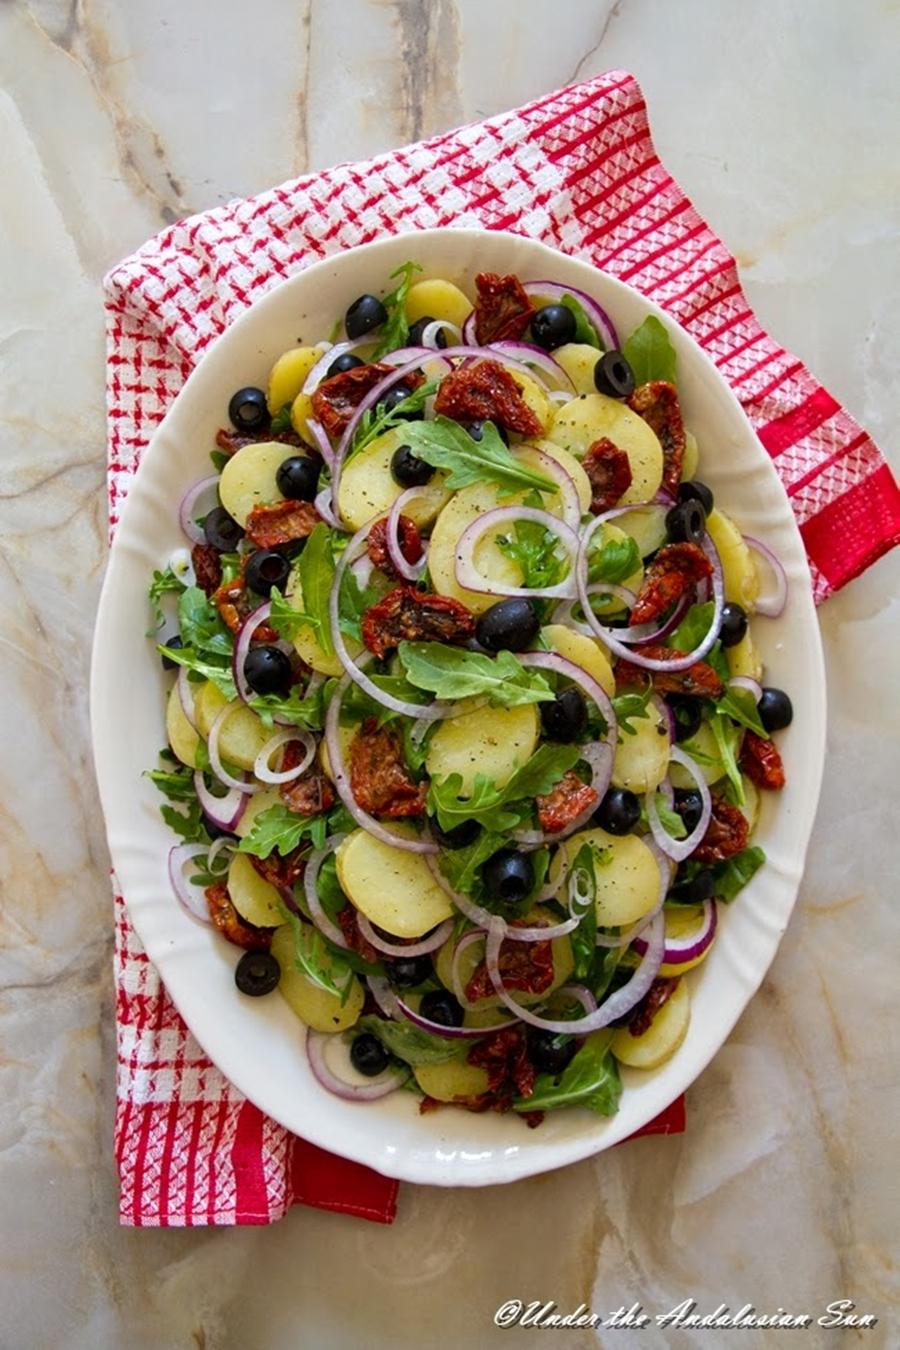 Andalusian auringossa_perunareseptejä ympäri maailman_Välimerellinen perunasalaatti_gluteeniton_kosher